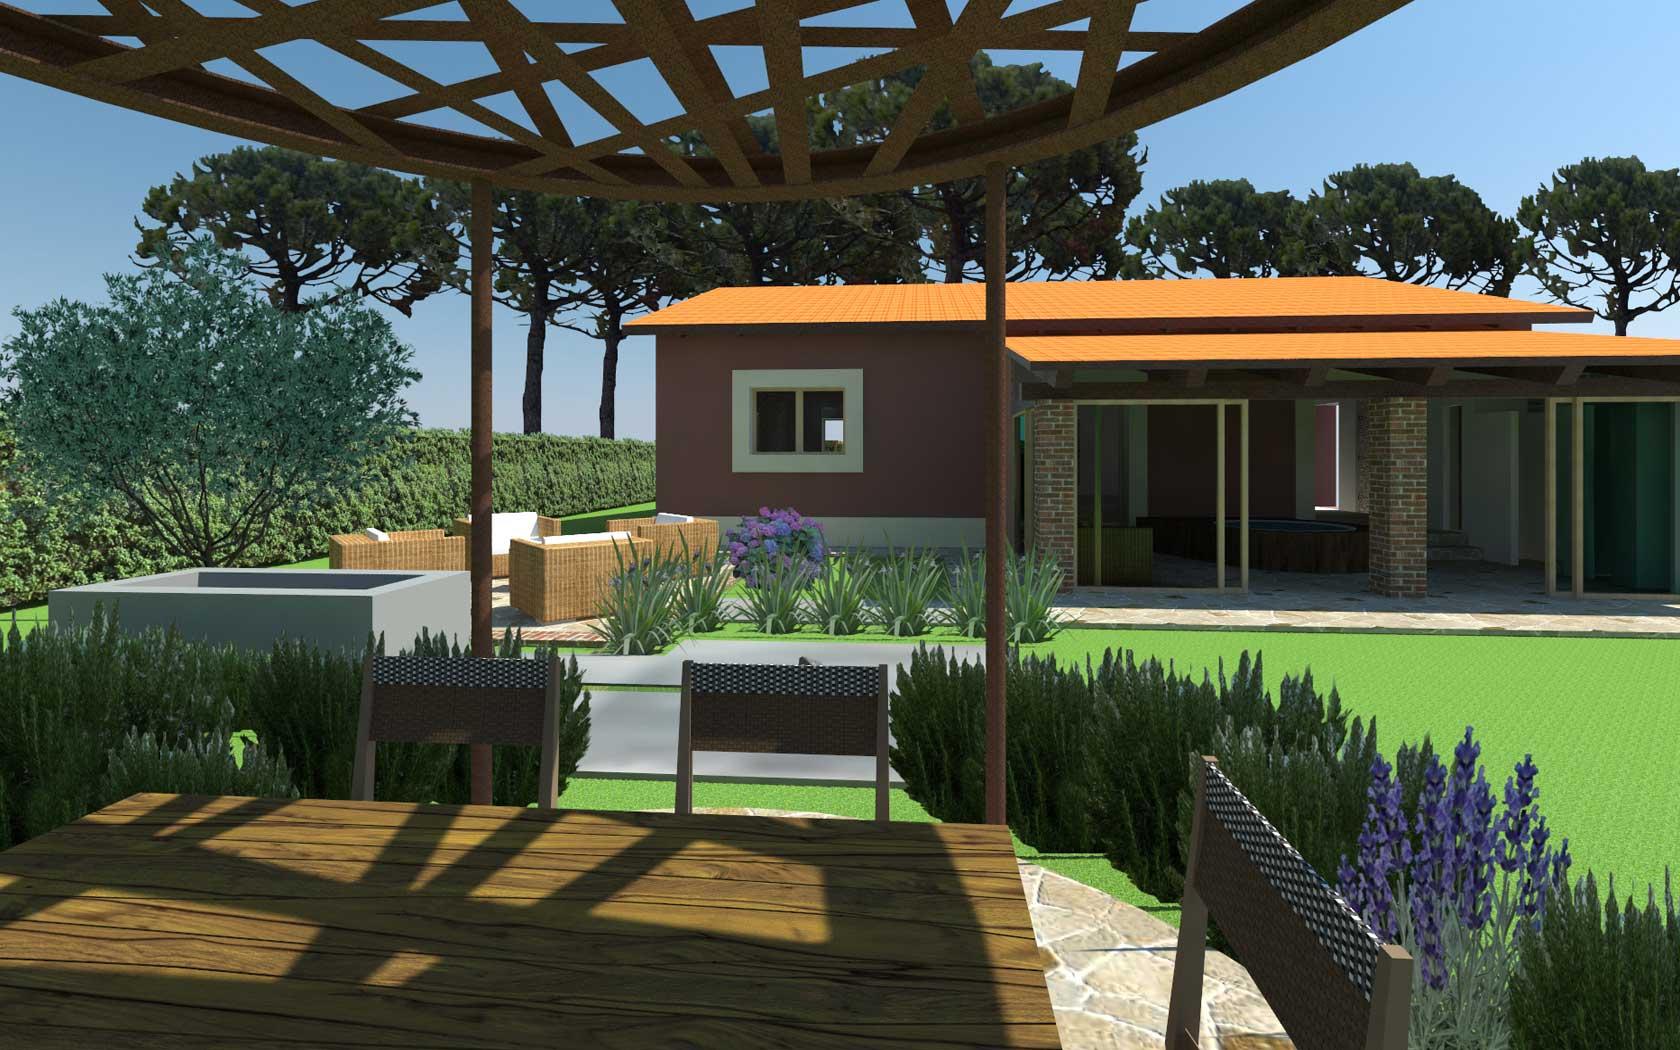 Giardino cafelab studio di architettura for Progetto giardino mediterraneo